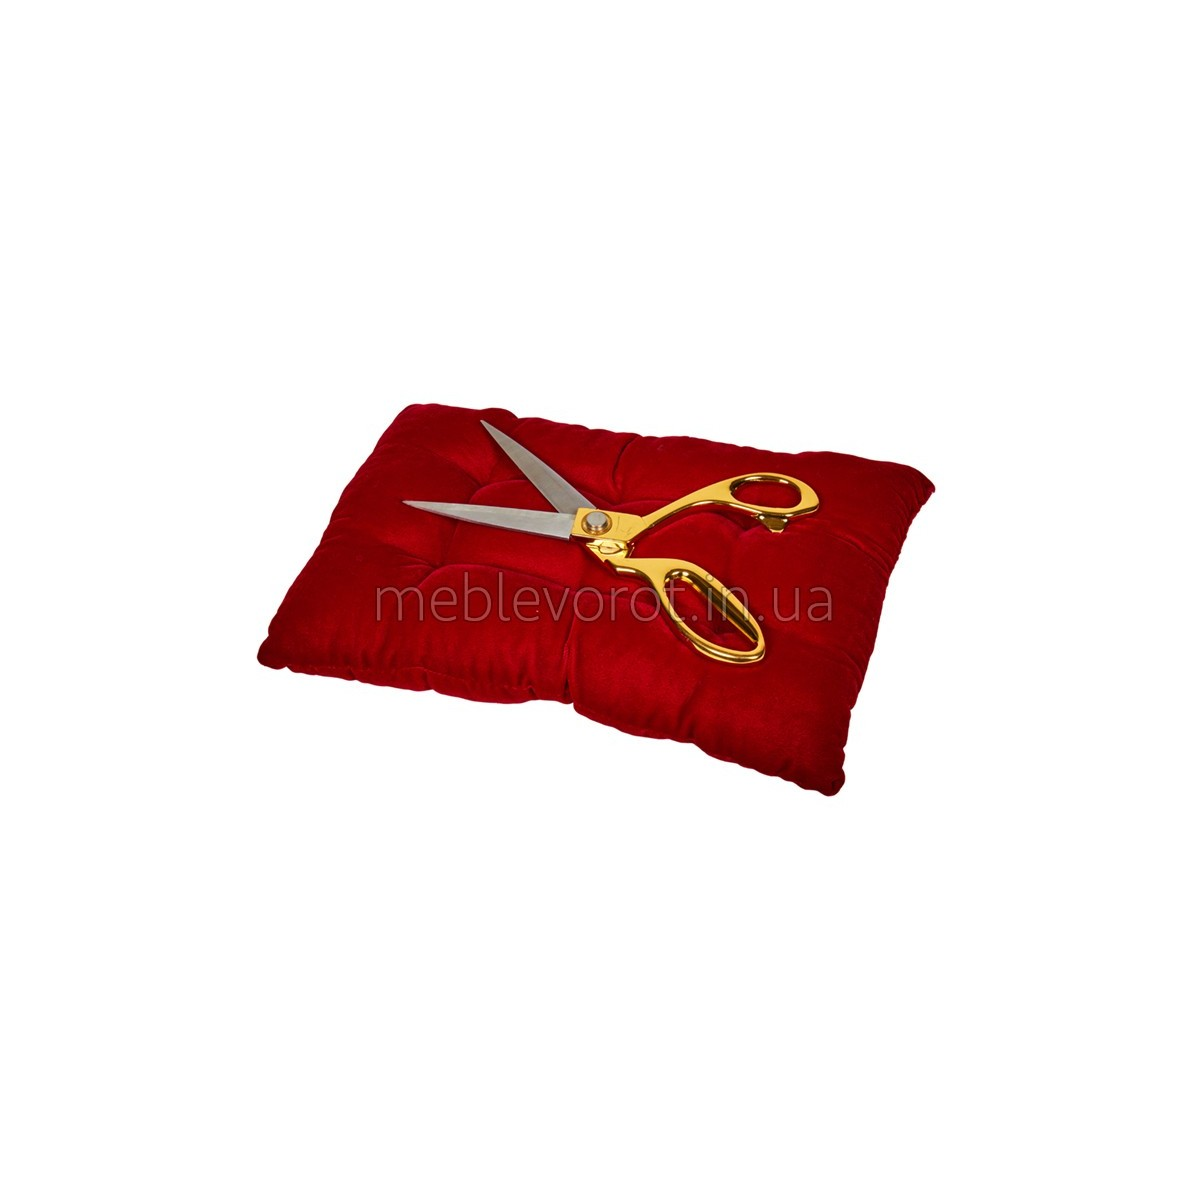 Набор для торжественного открытия красный (Аренда)